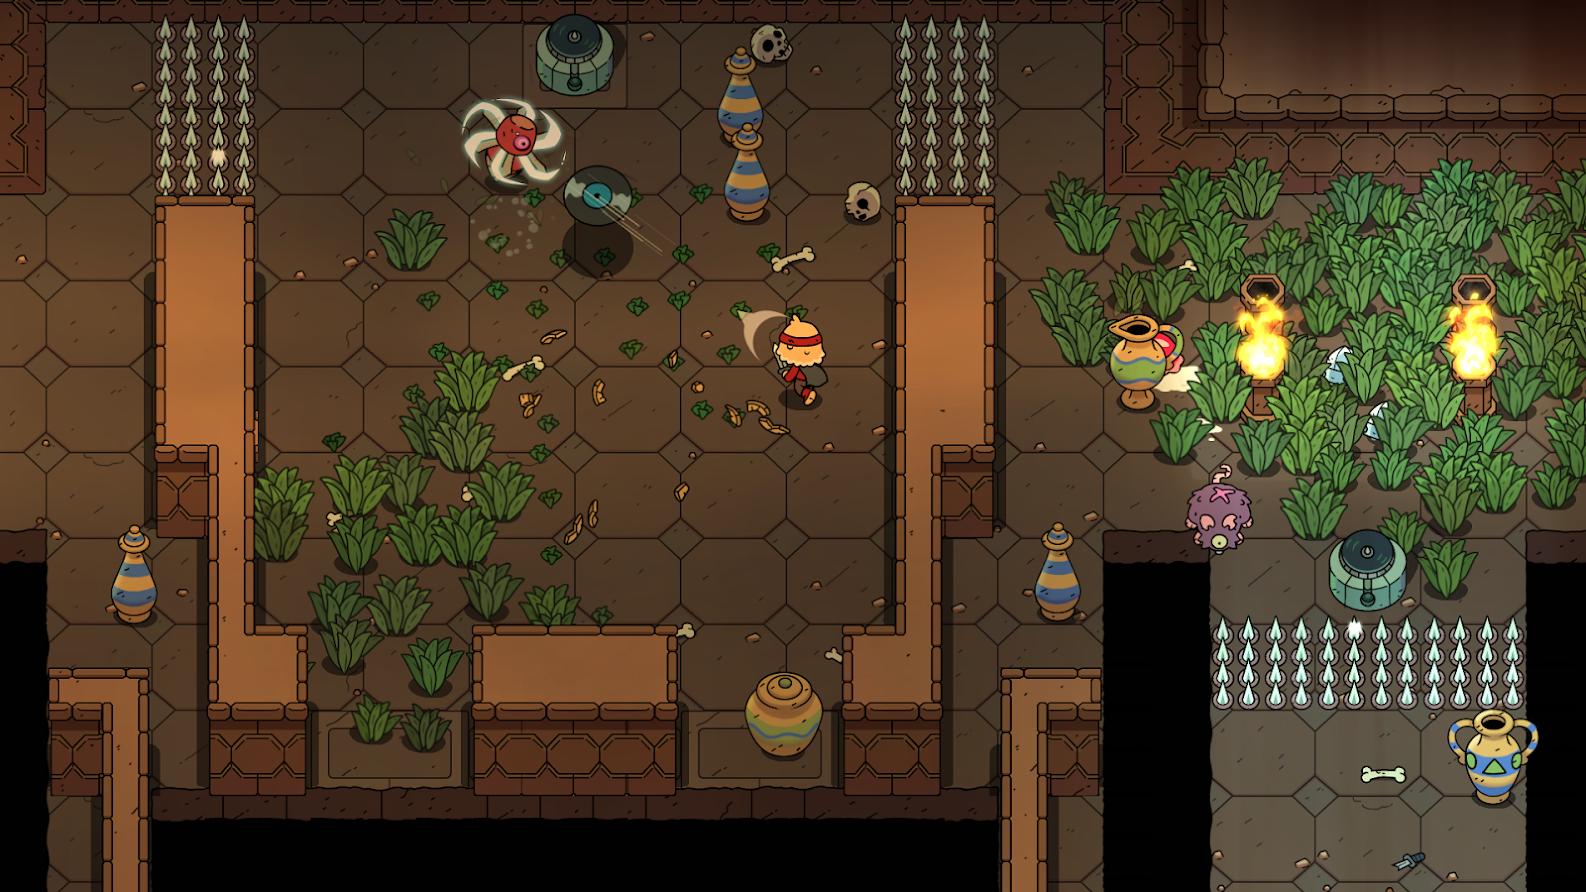 The Swords of Ditto لعبة RPG متاحة الآن للتسجيل المسبق على أندرويد و iOS